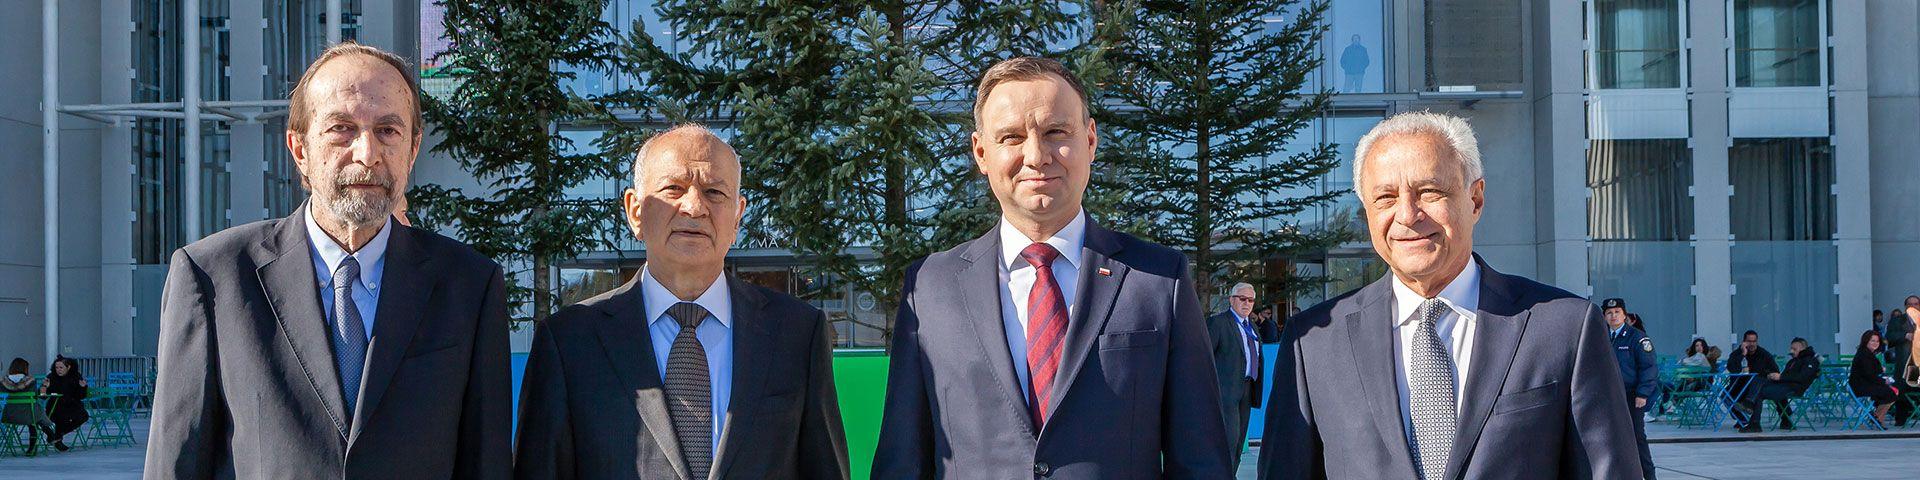 Στιγμιότυπα από την επίσκεψη του Προέδρου της Πολωνίας Andrzej Duda και του Υπουργού Οικονομίας και Ανάπτυξης Δημήτρη Παπαδημητρίου στο ΚΠΙΣΝ - Εικόνα